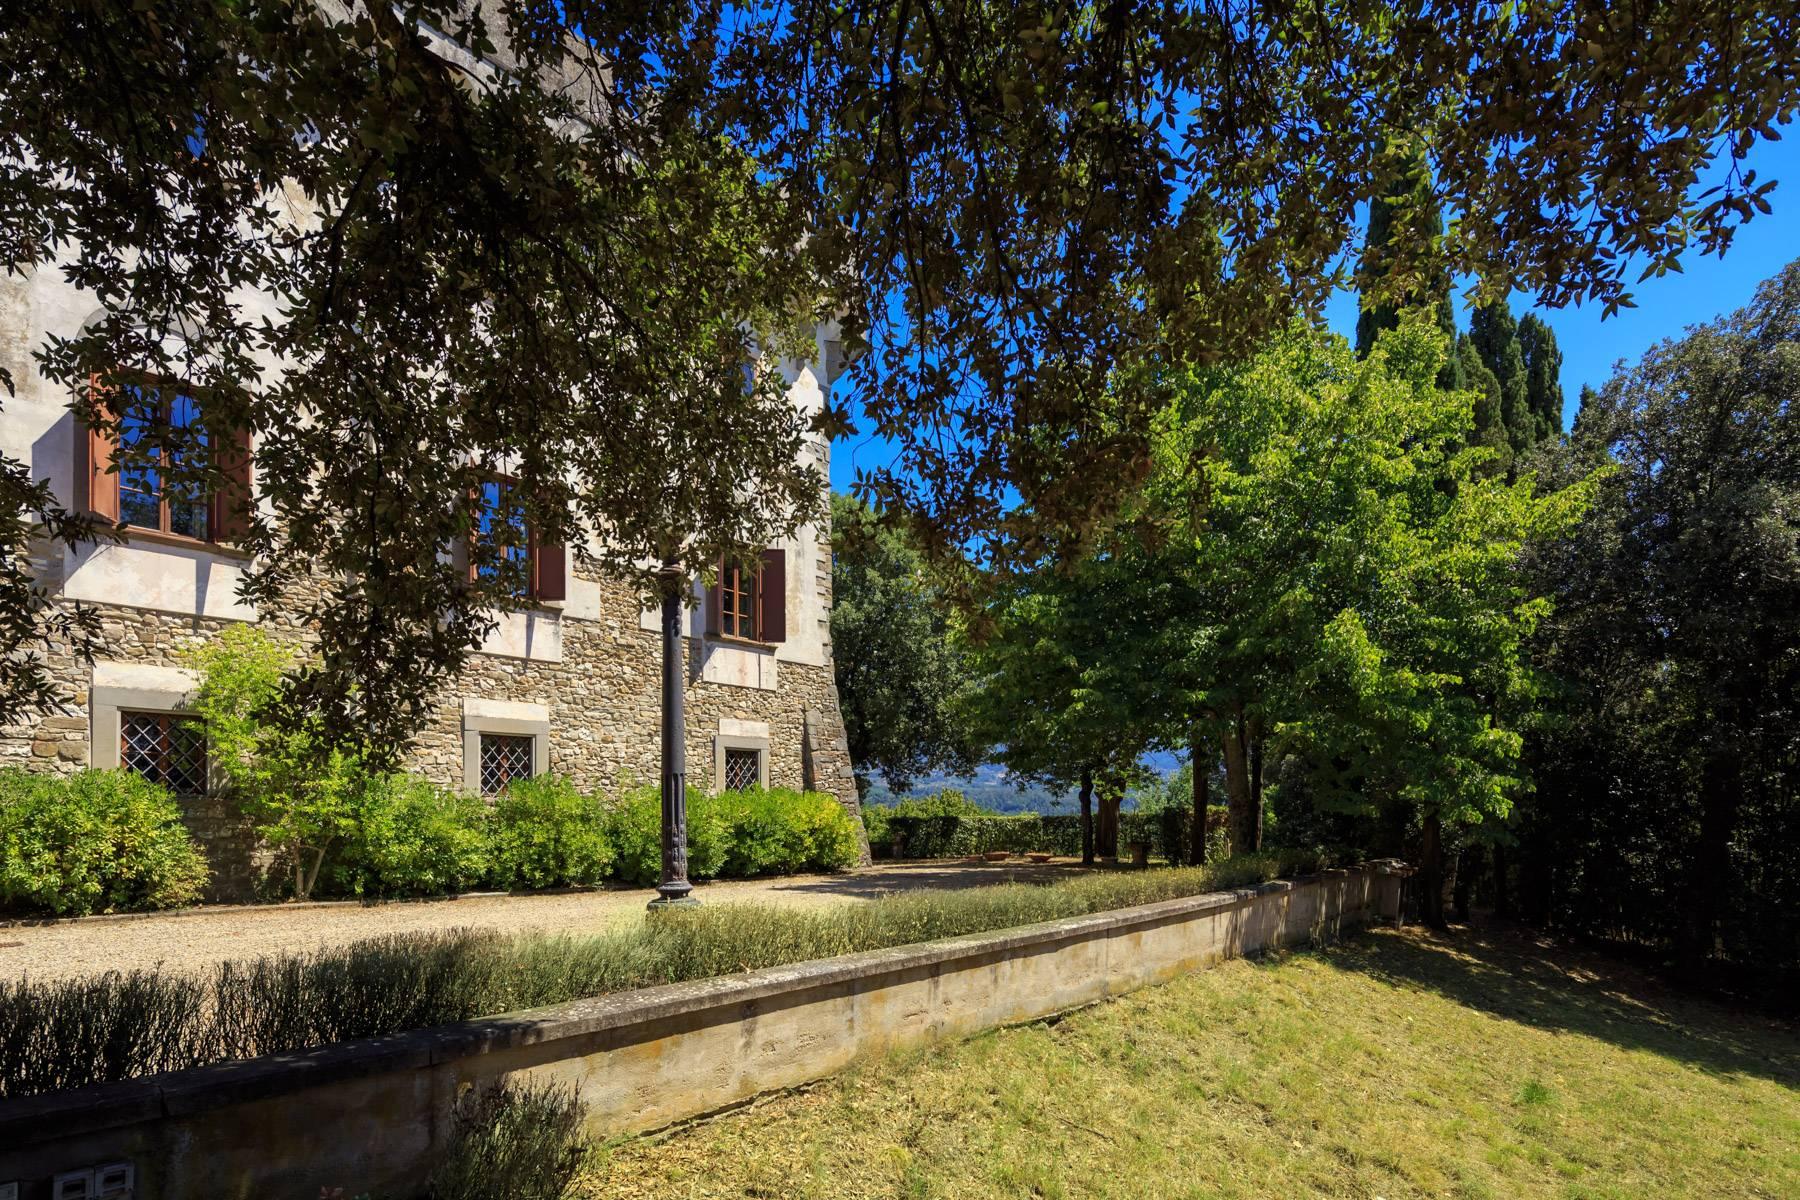 Villa in Vendita a Reggello: 5 locali, 2450 mq - Foto 17